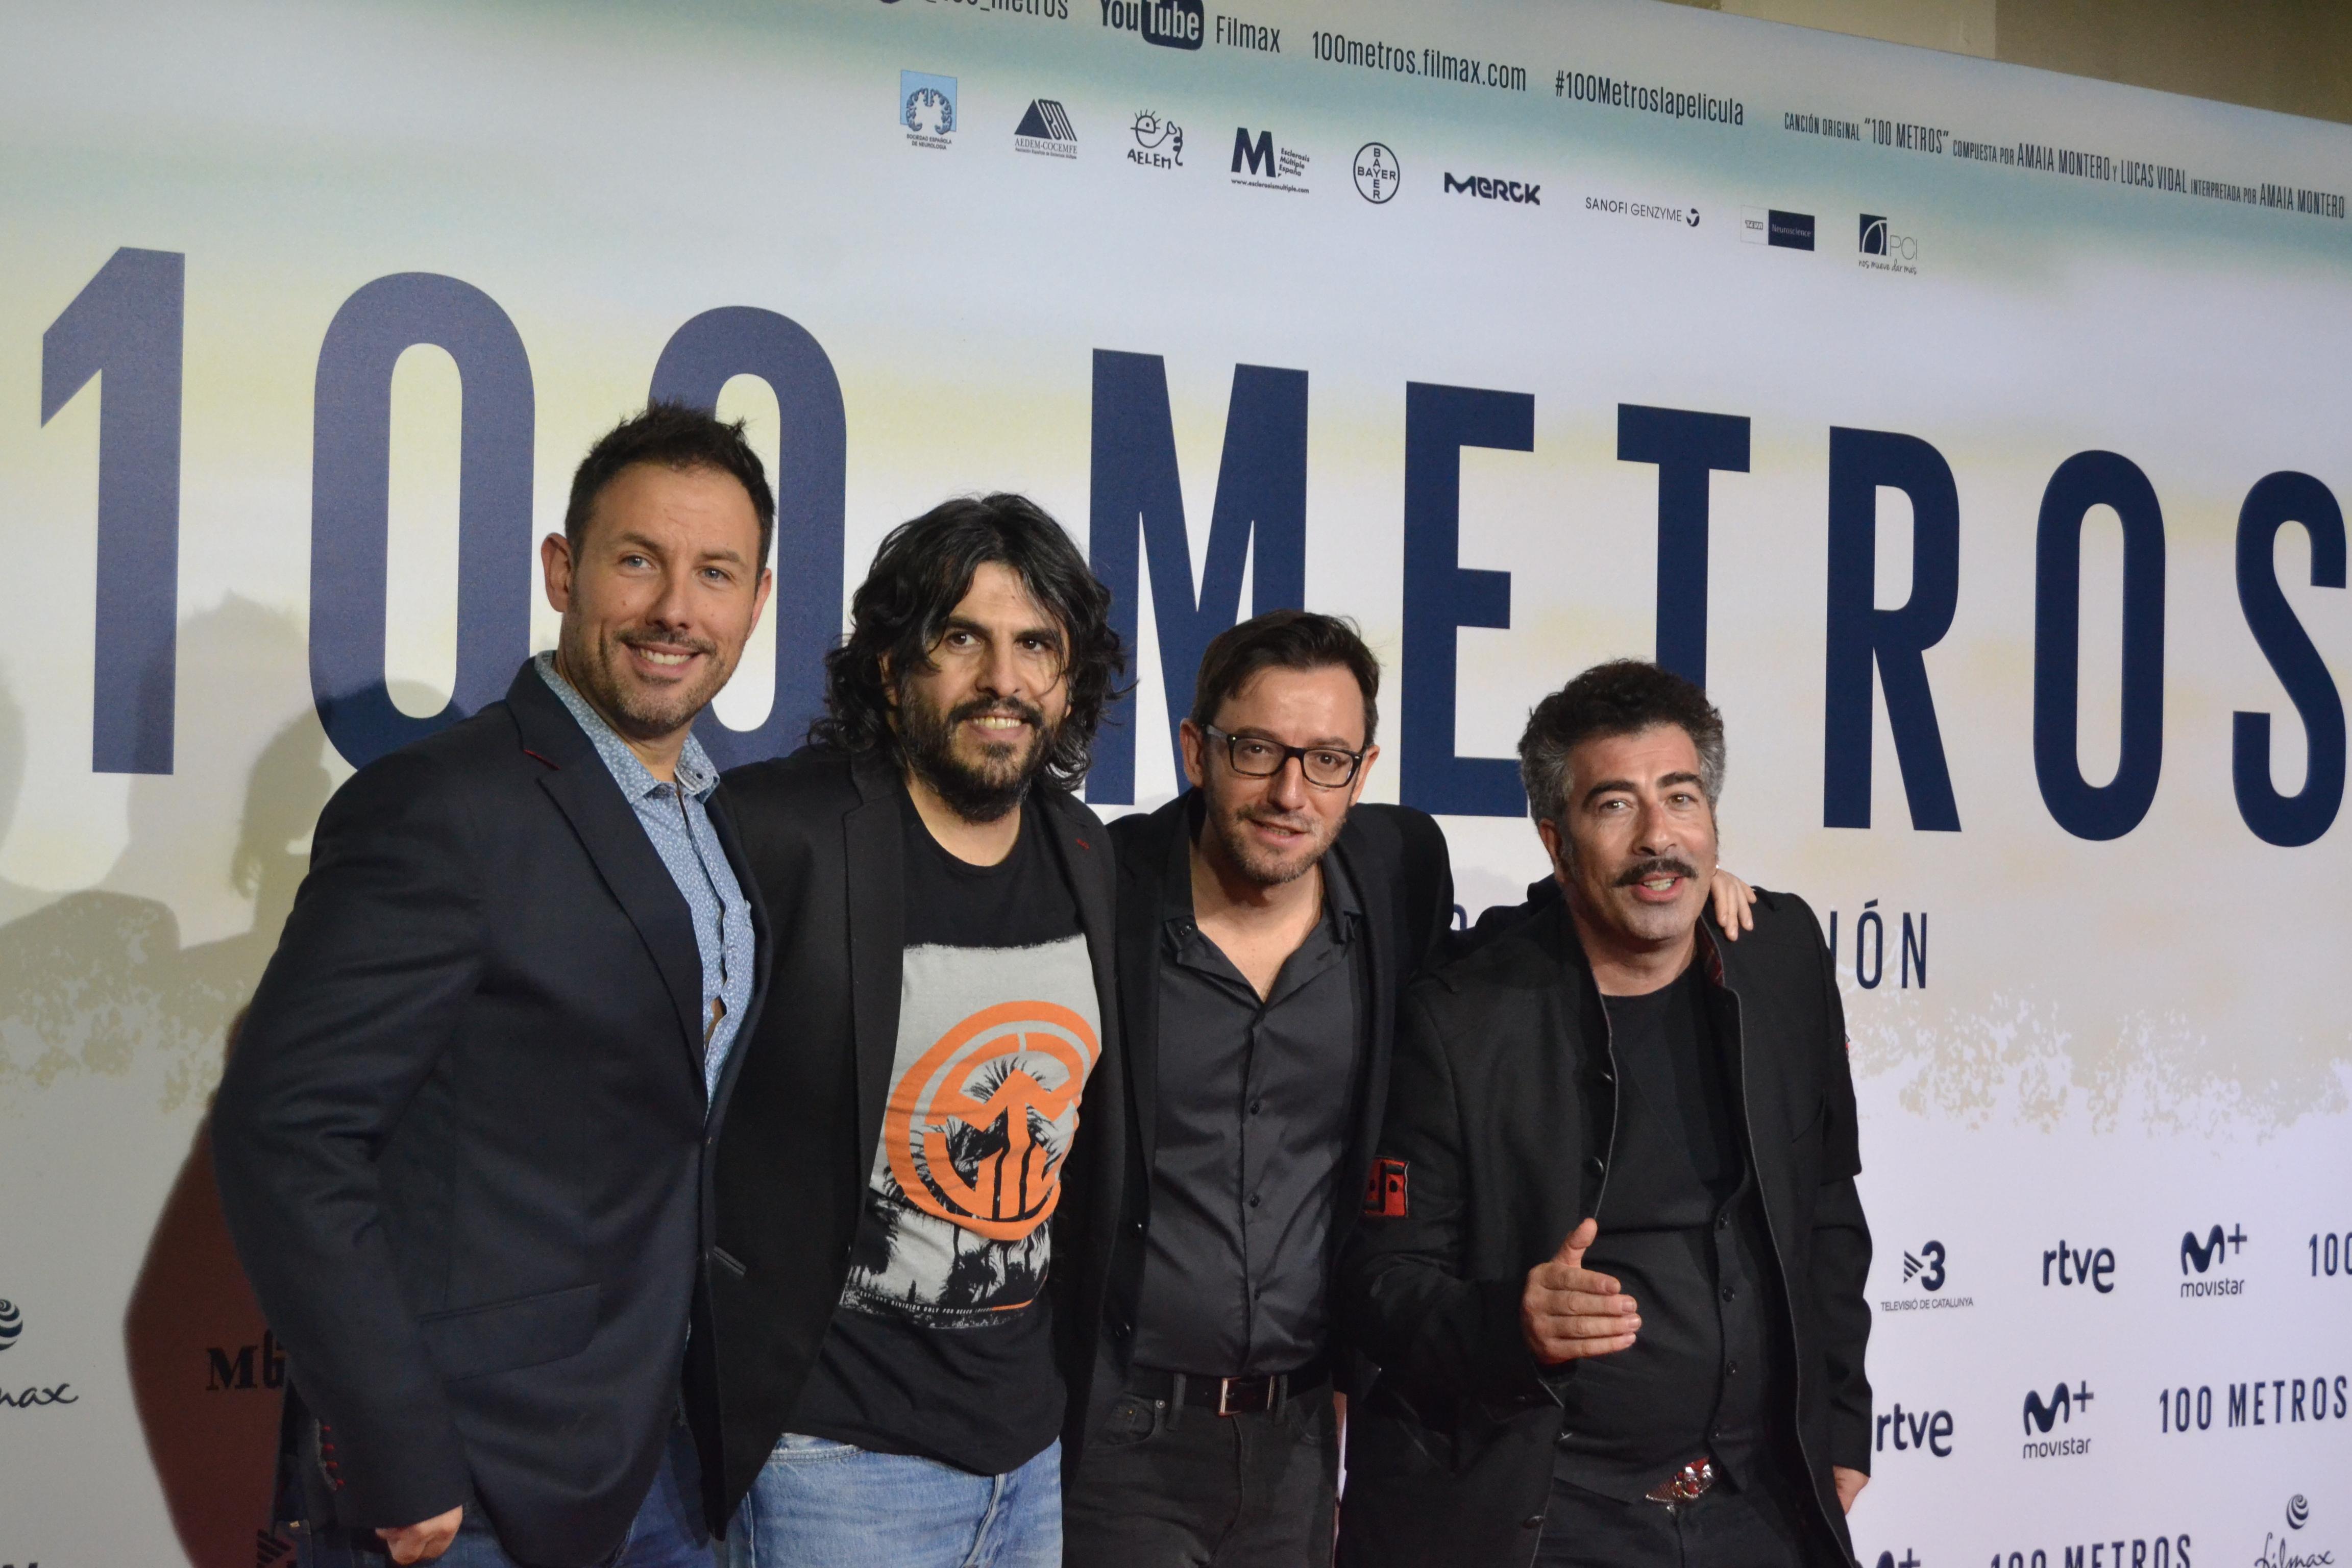 Iñaki Urrutia, José Juan Vaquero, David Navarro y Agustín Jiménez